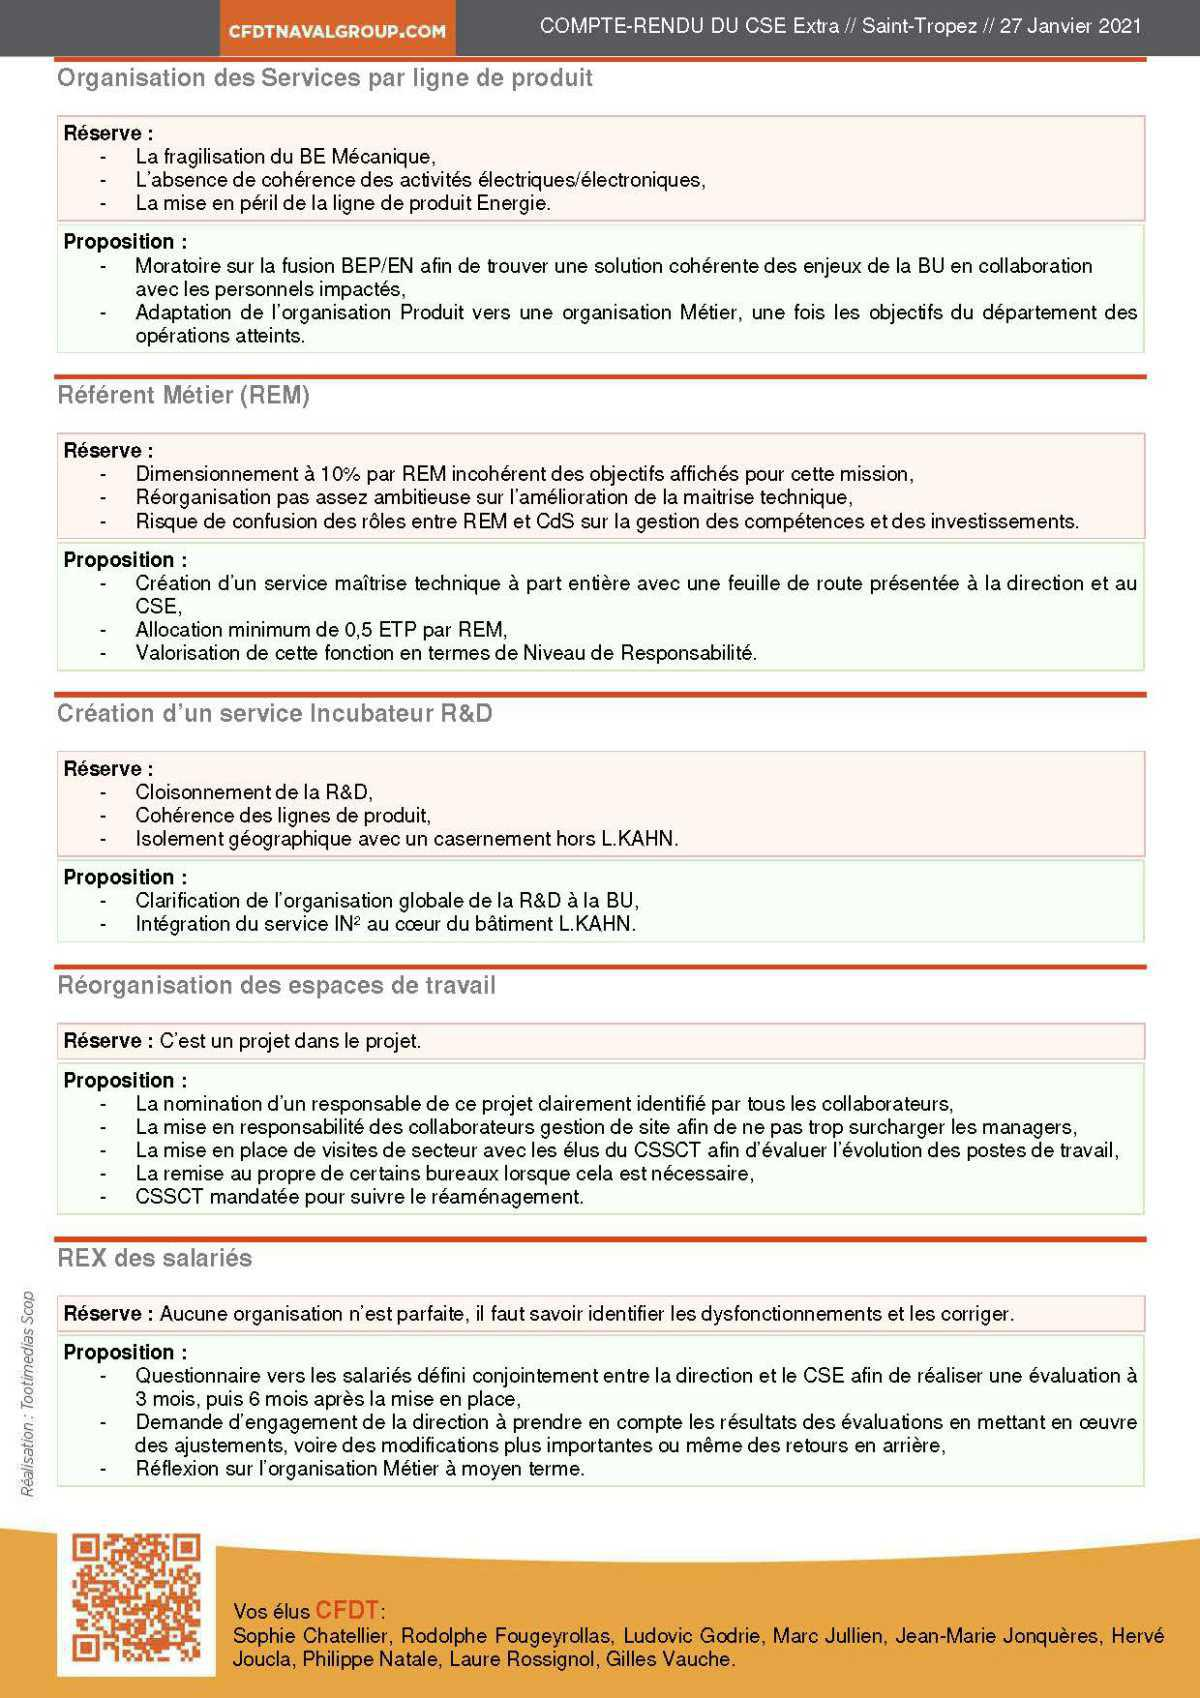 CR CSE Extra du 27 janvier 2021 (réorganisation DI)